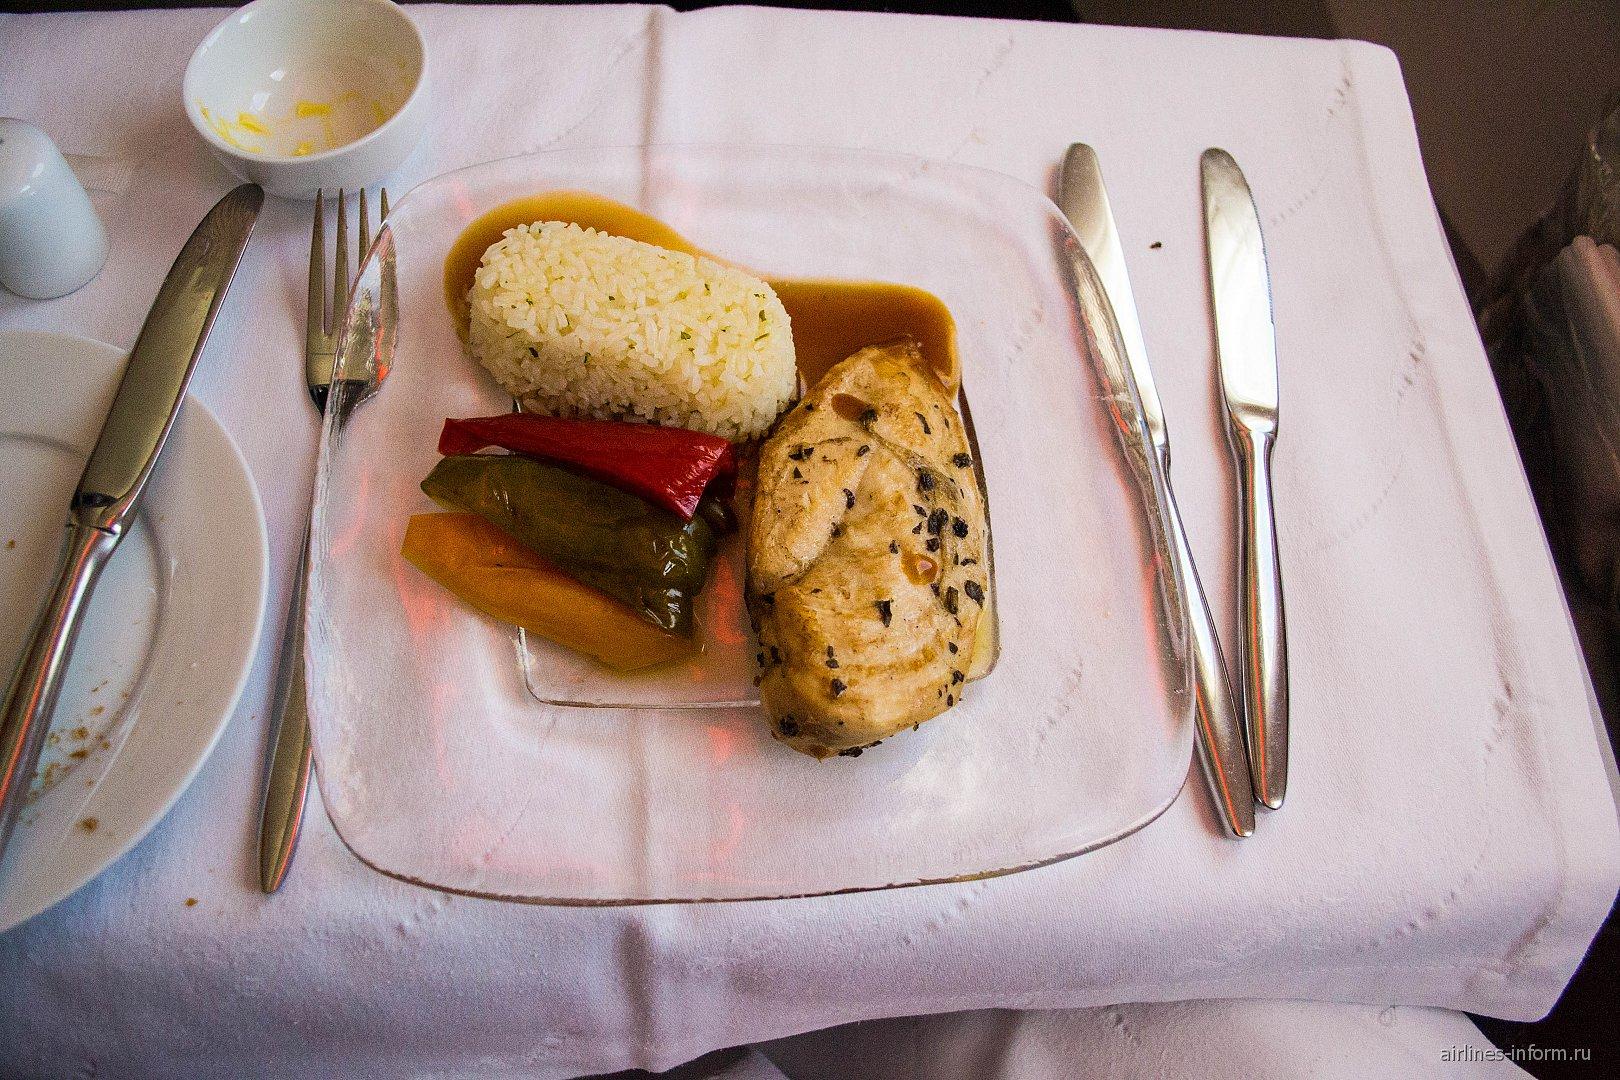 Второе блюда - куриная грудка с рисом в бизнес-классе Аэрофлота